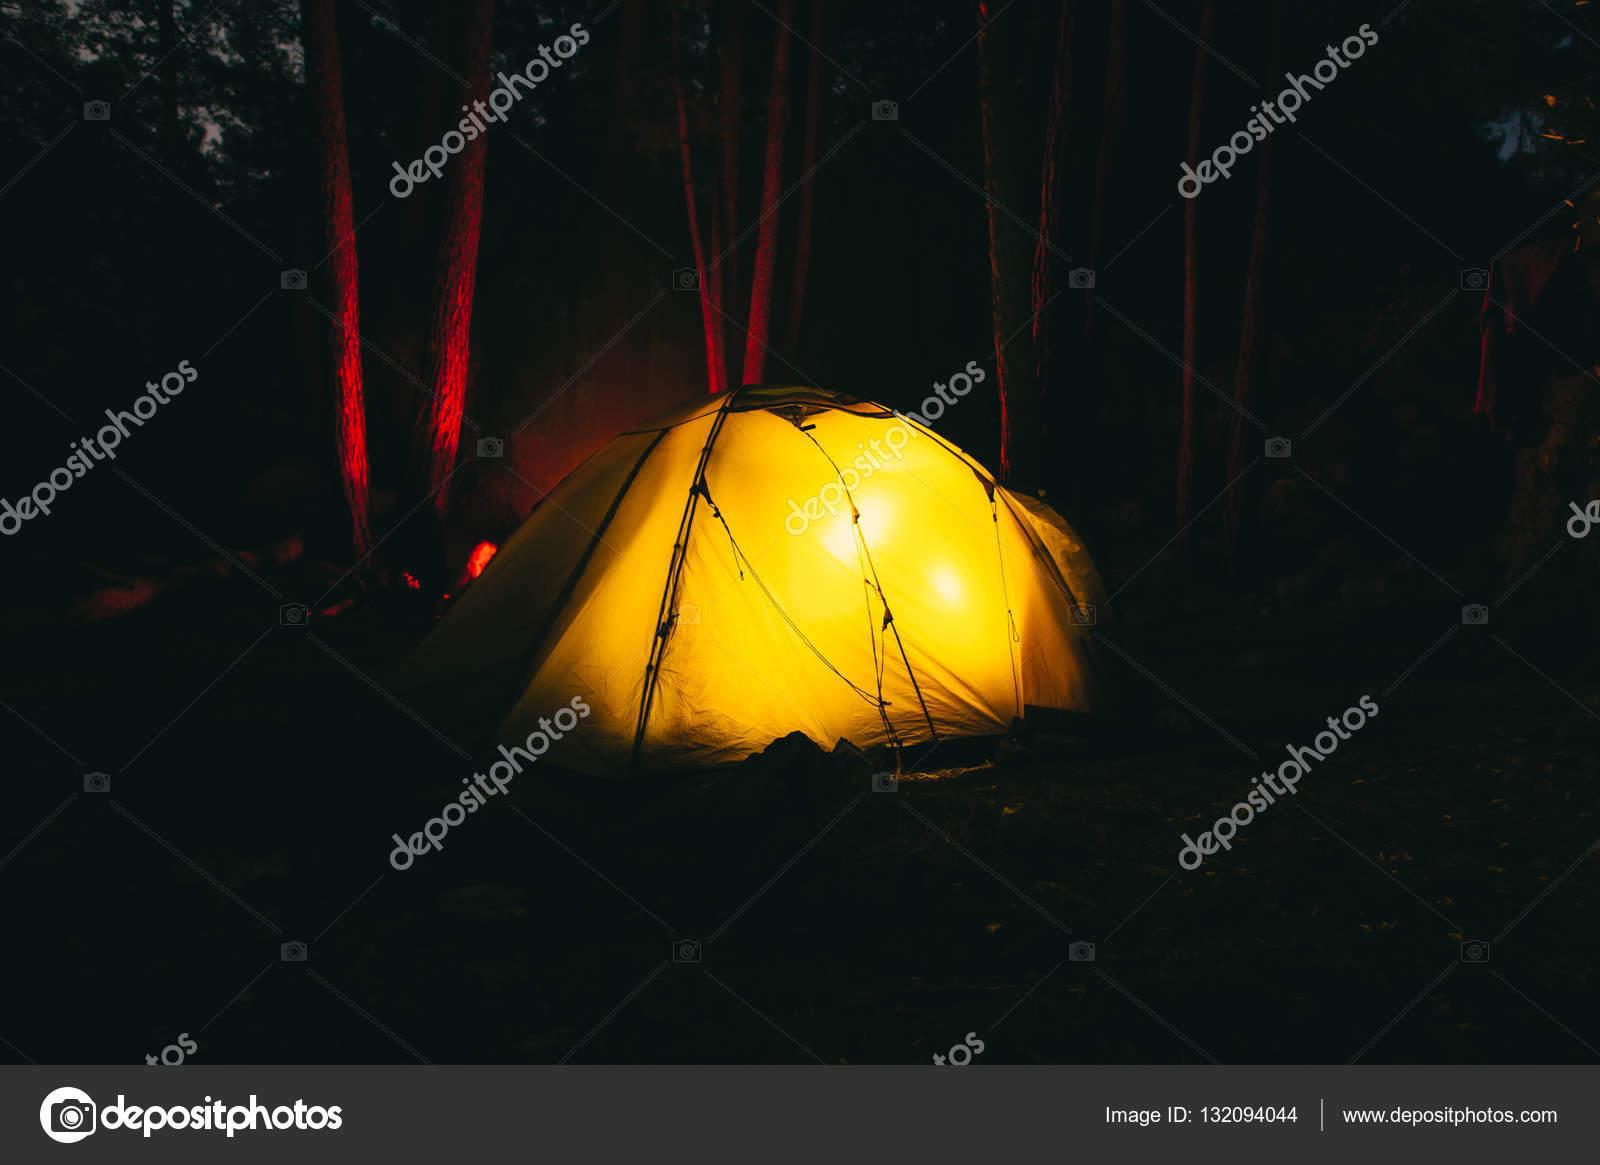 38883bef193 Σκηνή που καίει τη νύχτα κατά τη διάρκεια της εκστρατείας ...